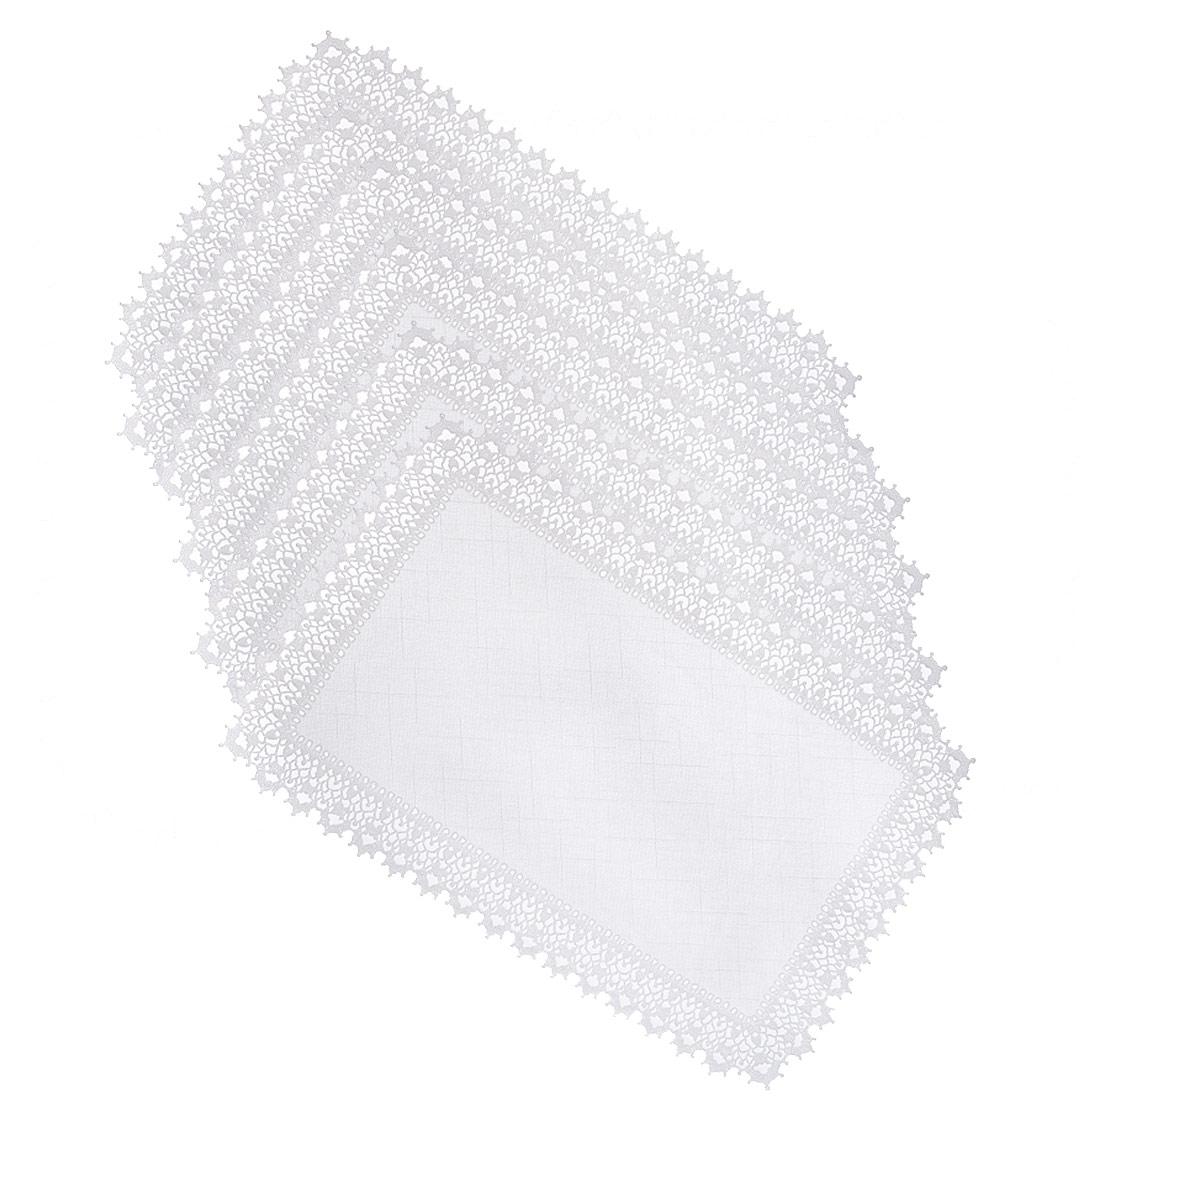 Набор салфеток Ажурные, цвет: белый, прямоуголные, 30 х 45 см, 6 шт811-129Набор салфеток Ажурные включает в себя 6 салфеток, выполненных из винила и оформлены кружевным узором. Преимущества салфеток состоят в том, что они достаточно легко оттираются от загрязнений, не нуждаются в глажке и при этом всегда украшает стол своим внешним видом. Вы можете использовать салфетки для декорирования стола, комода, журнального столика. В любом случае они добавят в ваш дом стиля, изысканности и неповторимости и уберегут мебель от царапин и потертостей. Характеристики: Материал: 100% винил. Диаметр скатерти: 30 см х 45 см. Цвет: белый. Страна-изготовитель: Китай.